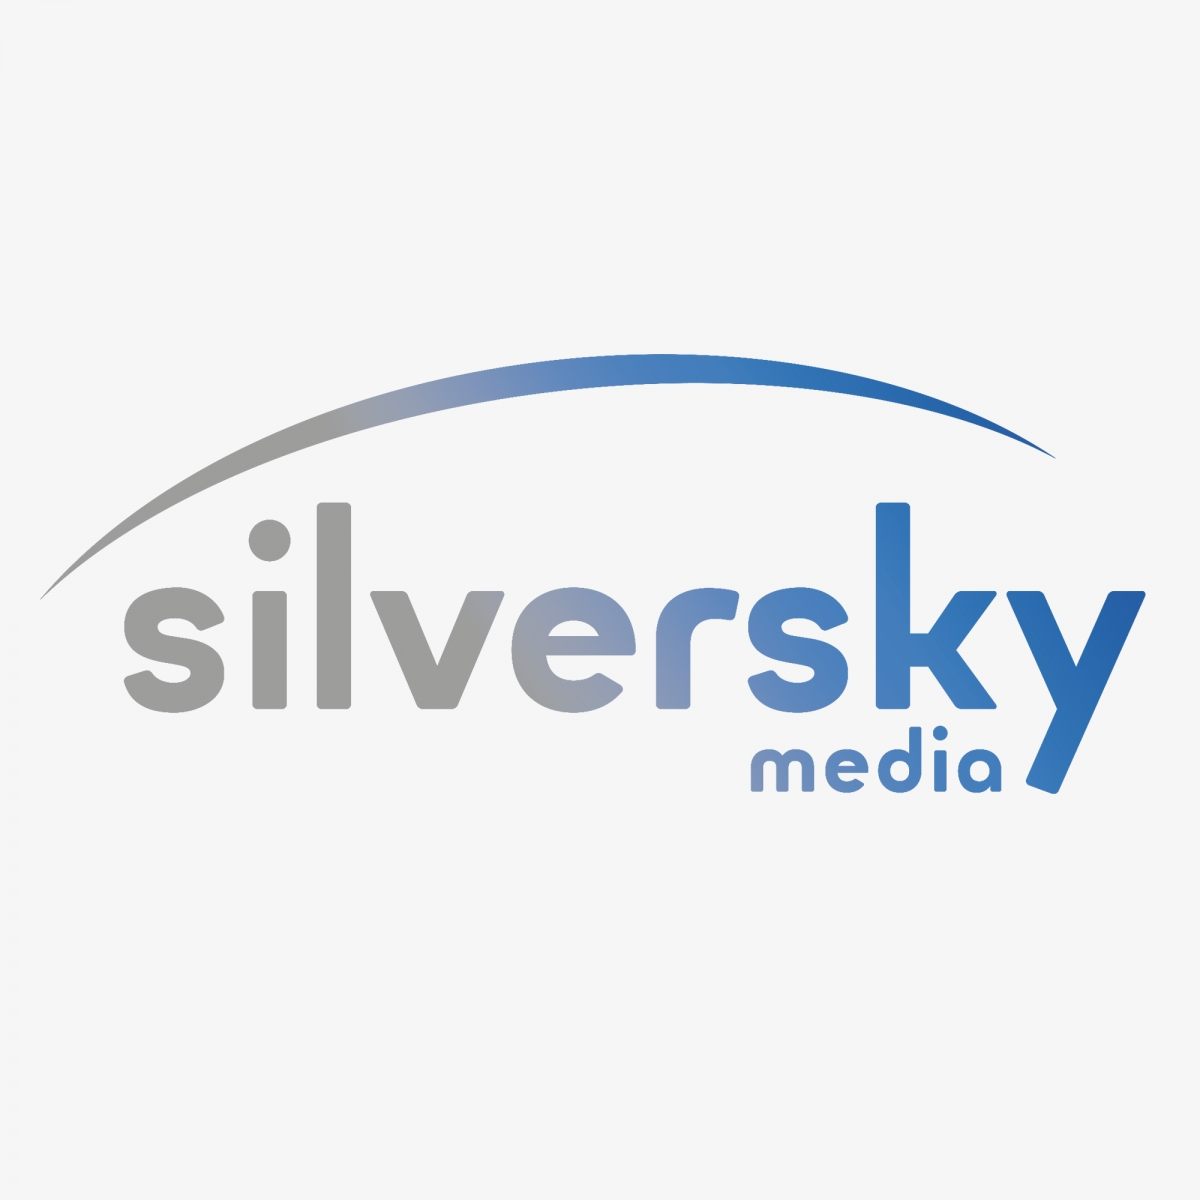 Silversky Media